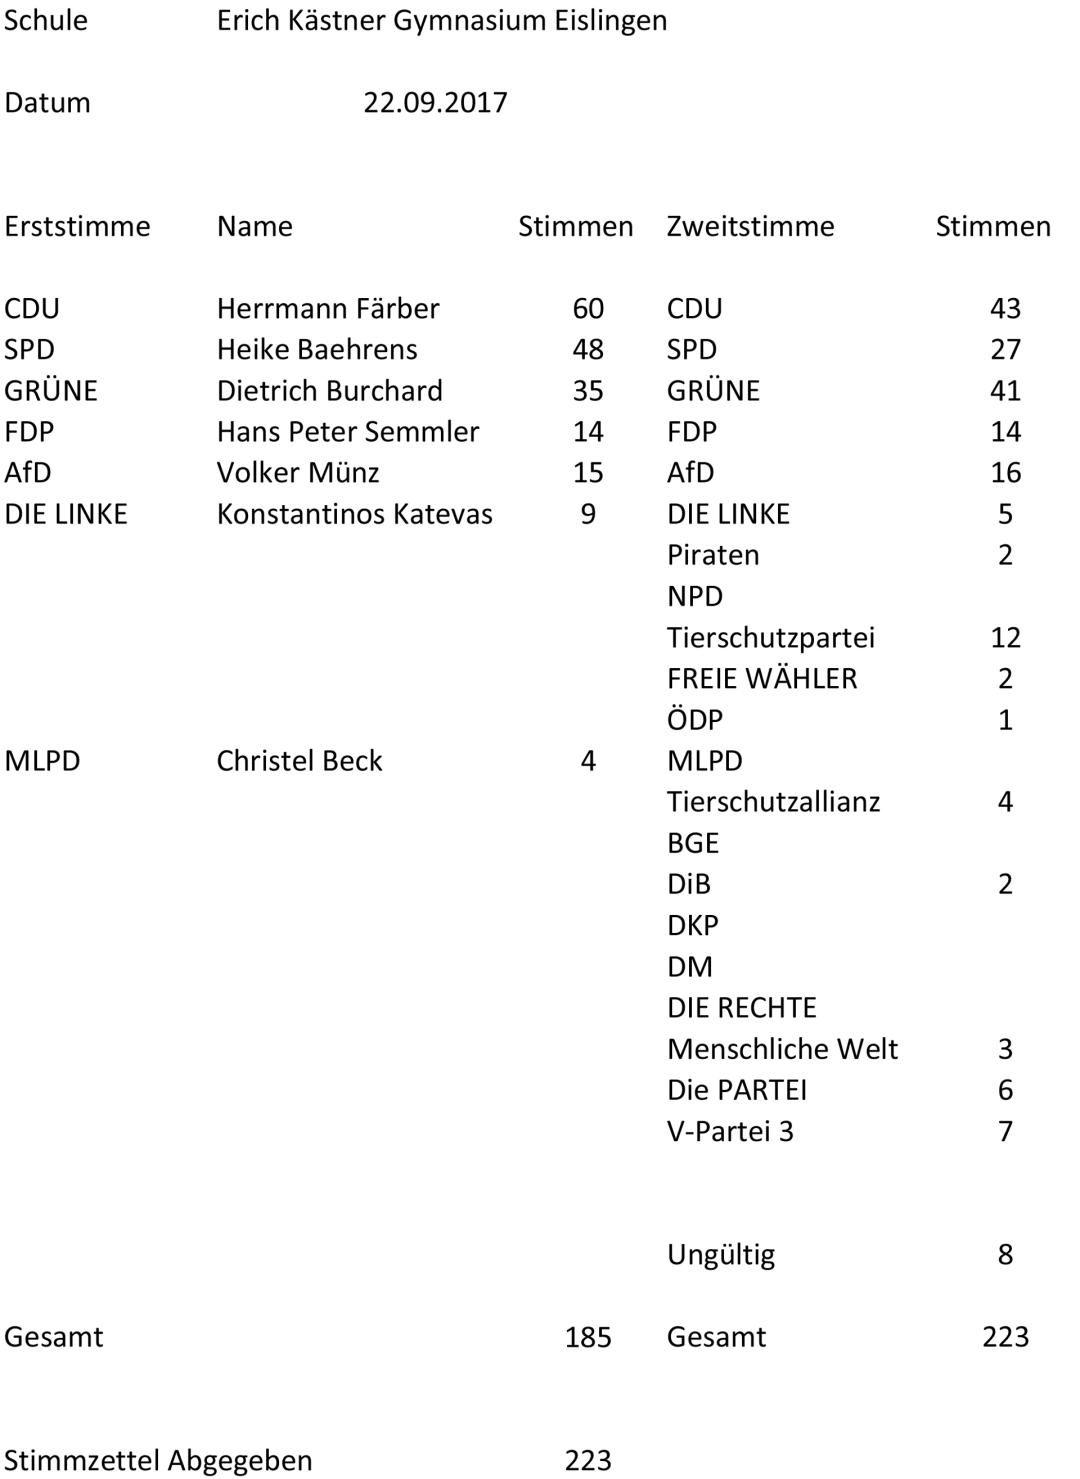 Auszählung_Erich-Kästner-Gymnasium-Eislingen-1